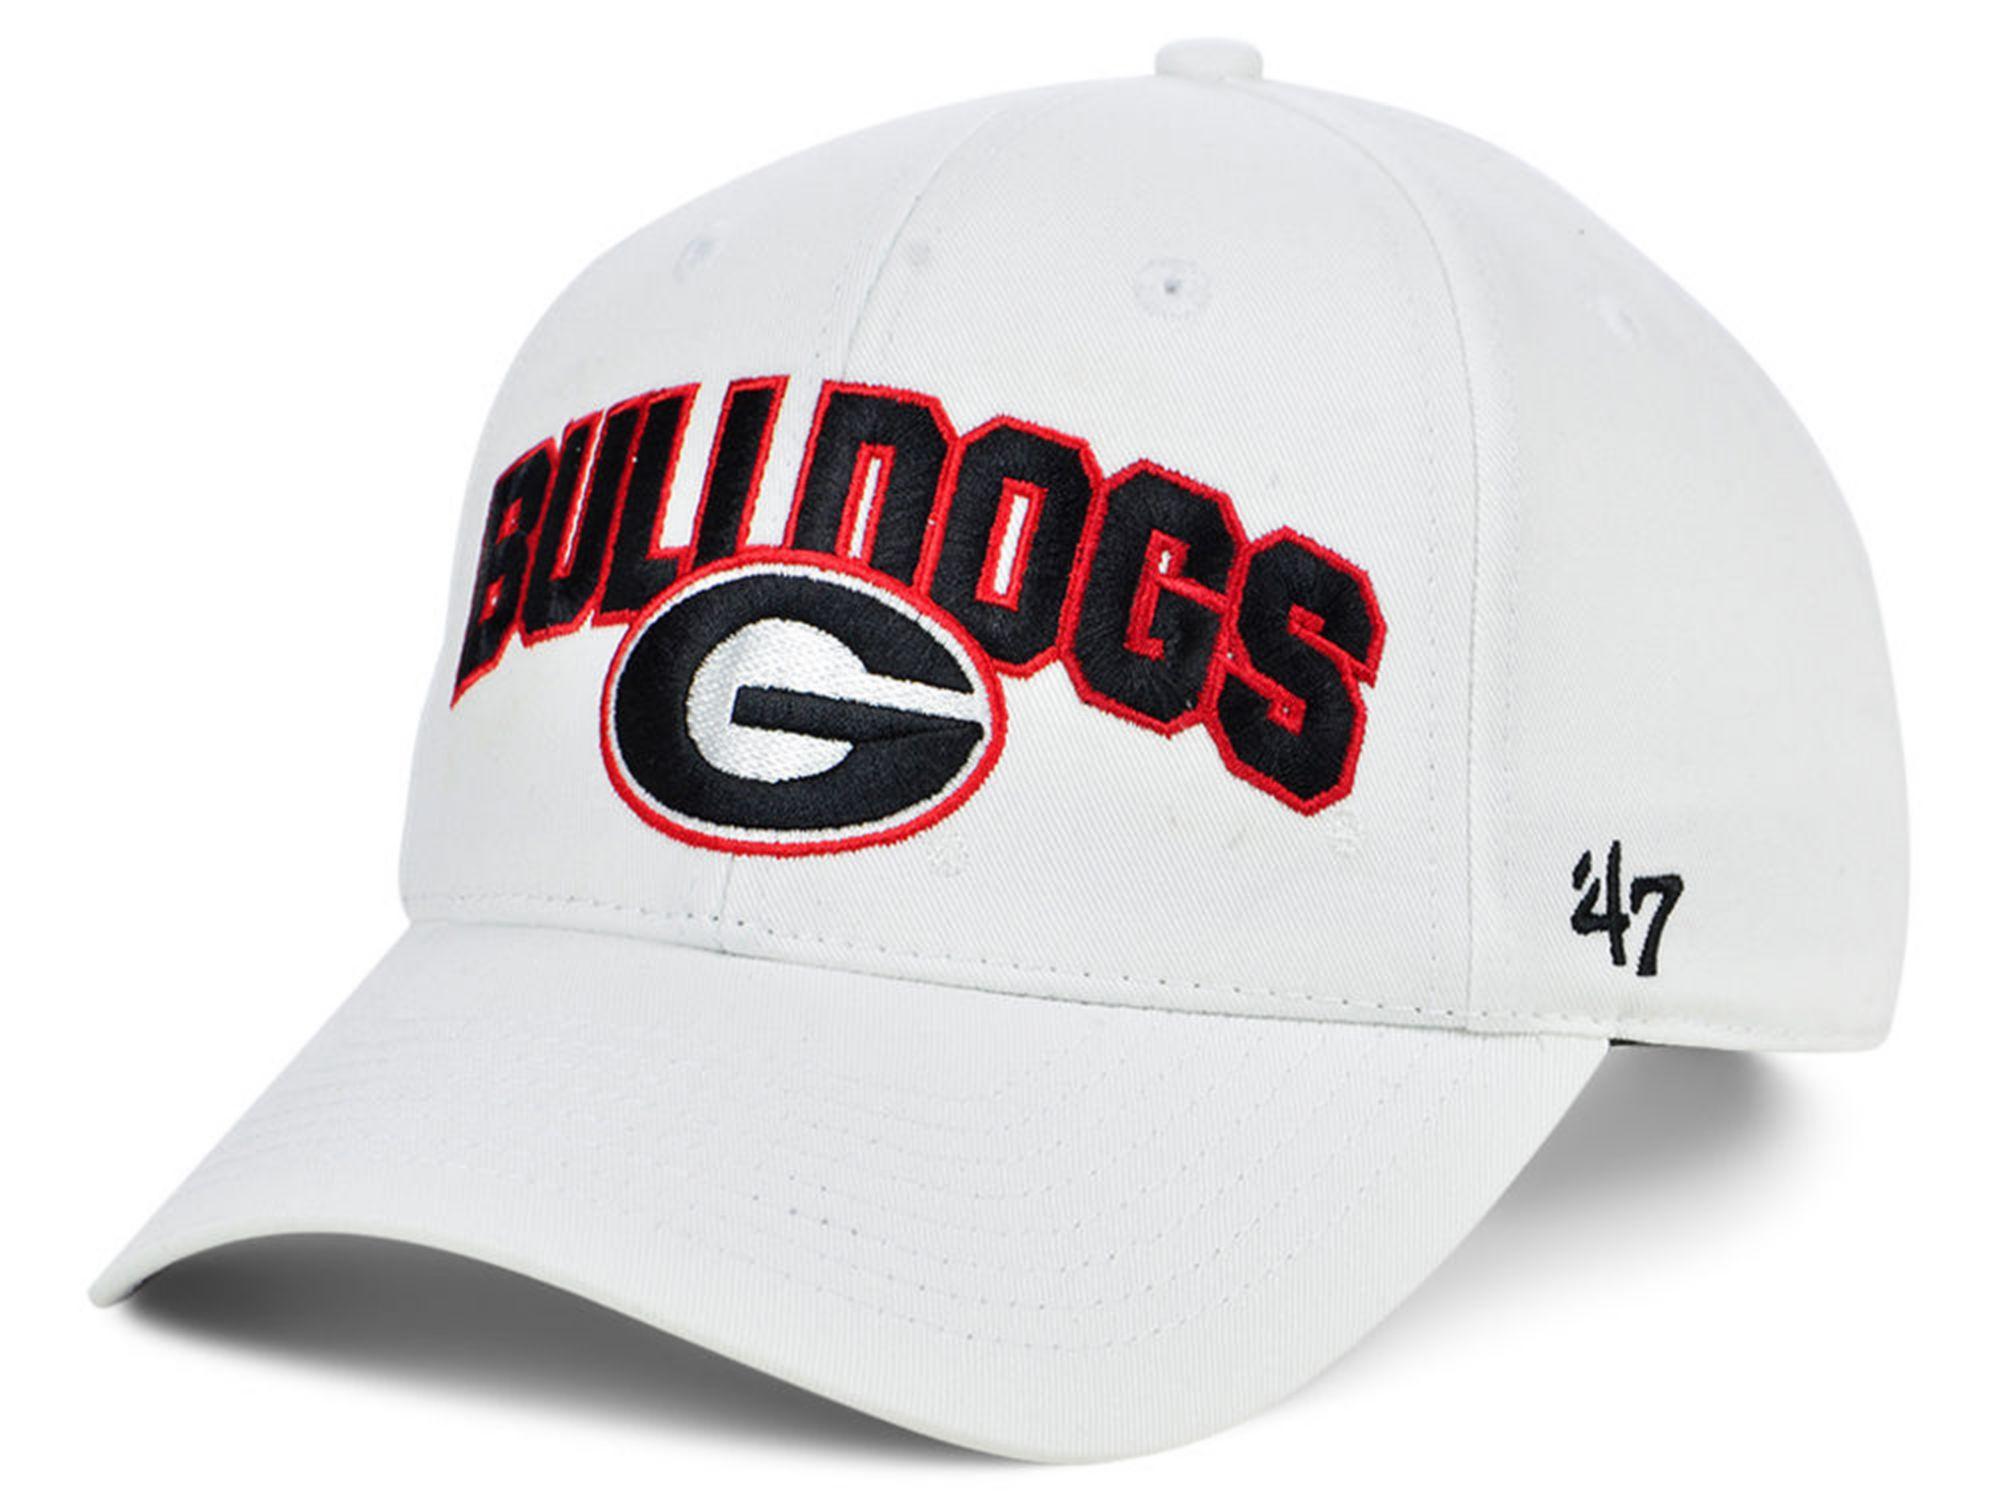 '47 Brand Georgia Bulldogs Box Score MVP Cap & Reviews - Sports Fan Shop By Lids - Men - Macy's